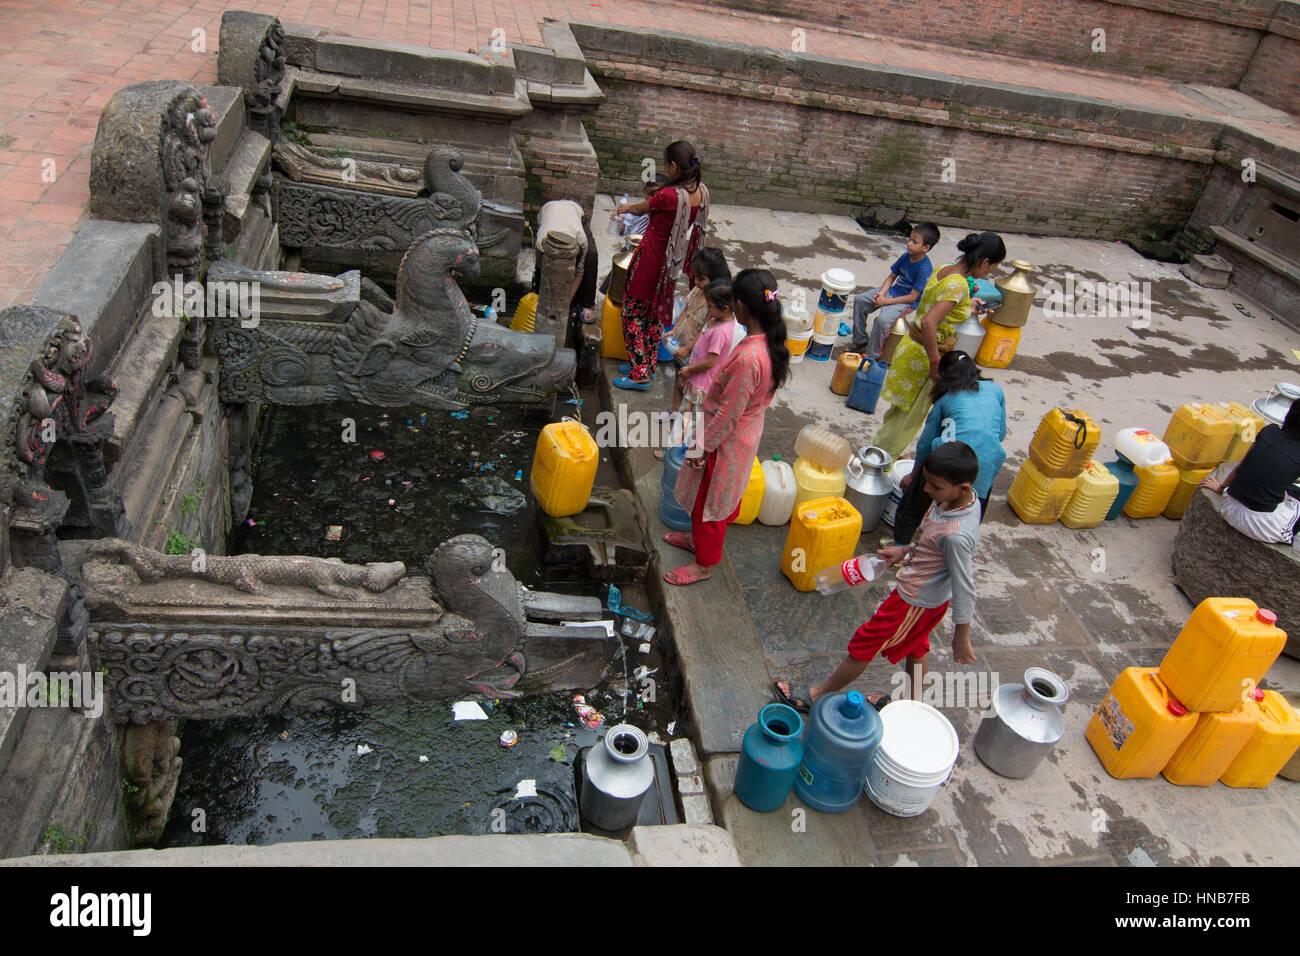 La gente in coda per acqua che proviene da sorgenti sotterranee dalle intricate sculture di bronzo beccucci in una Immagini Stock